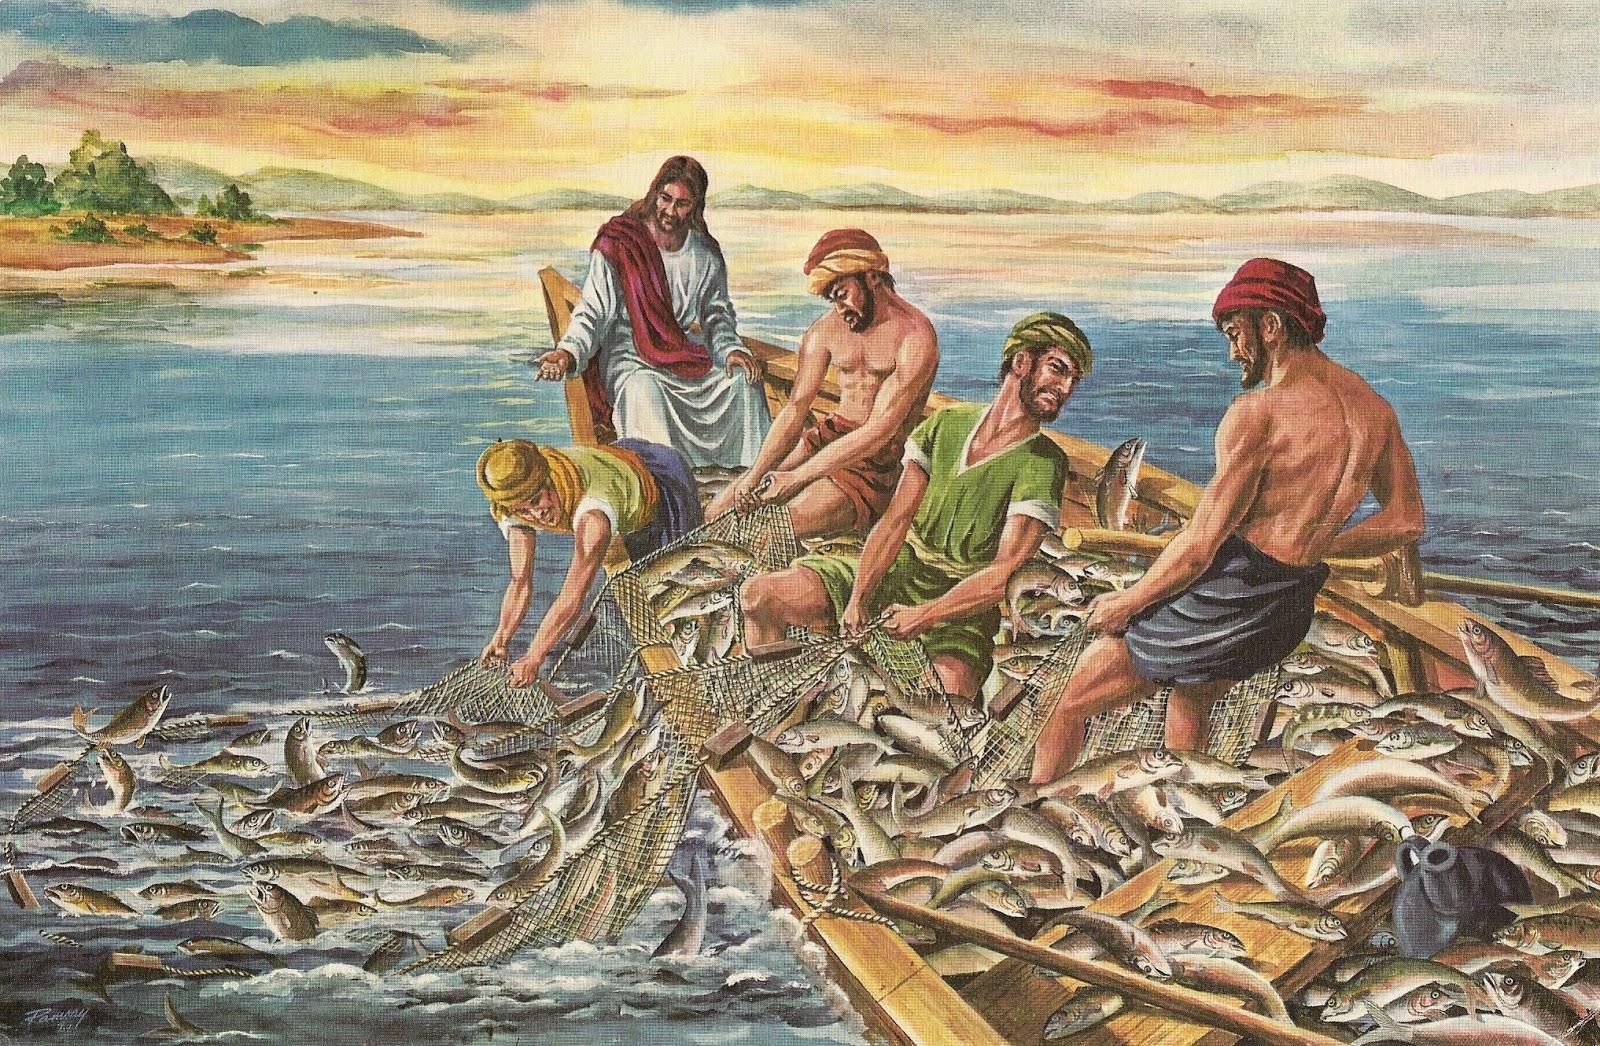 Христианская поделка рыбака ловящего рыбу сетью 73